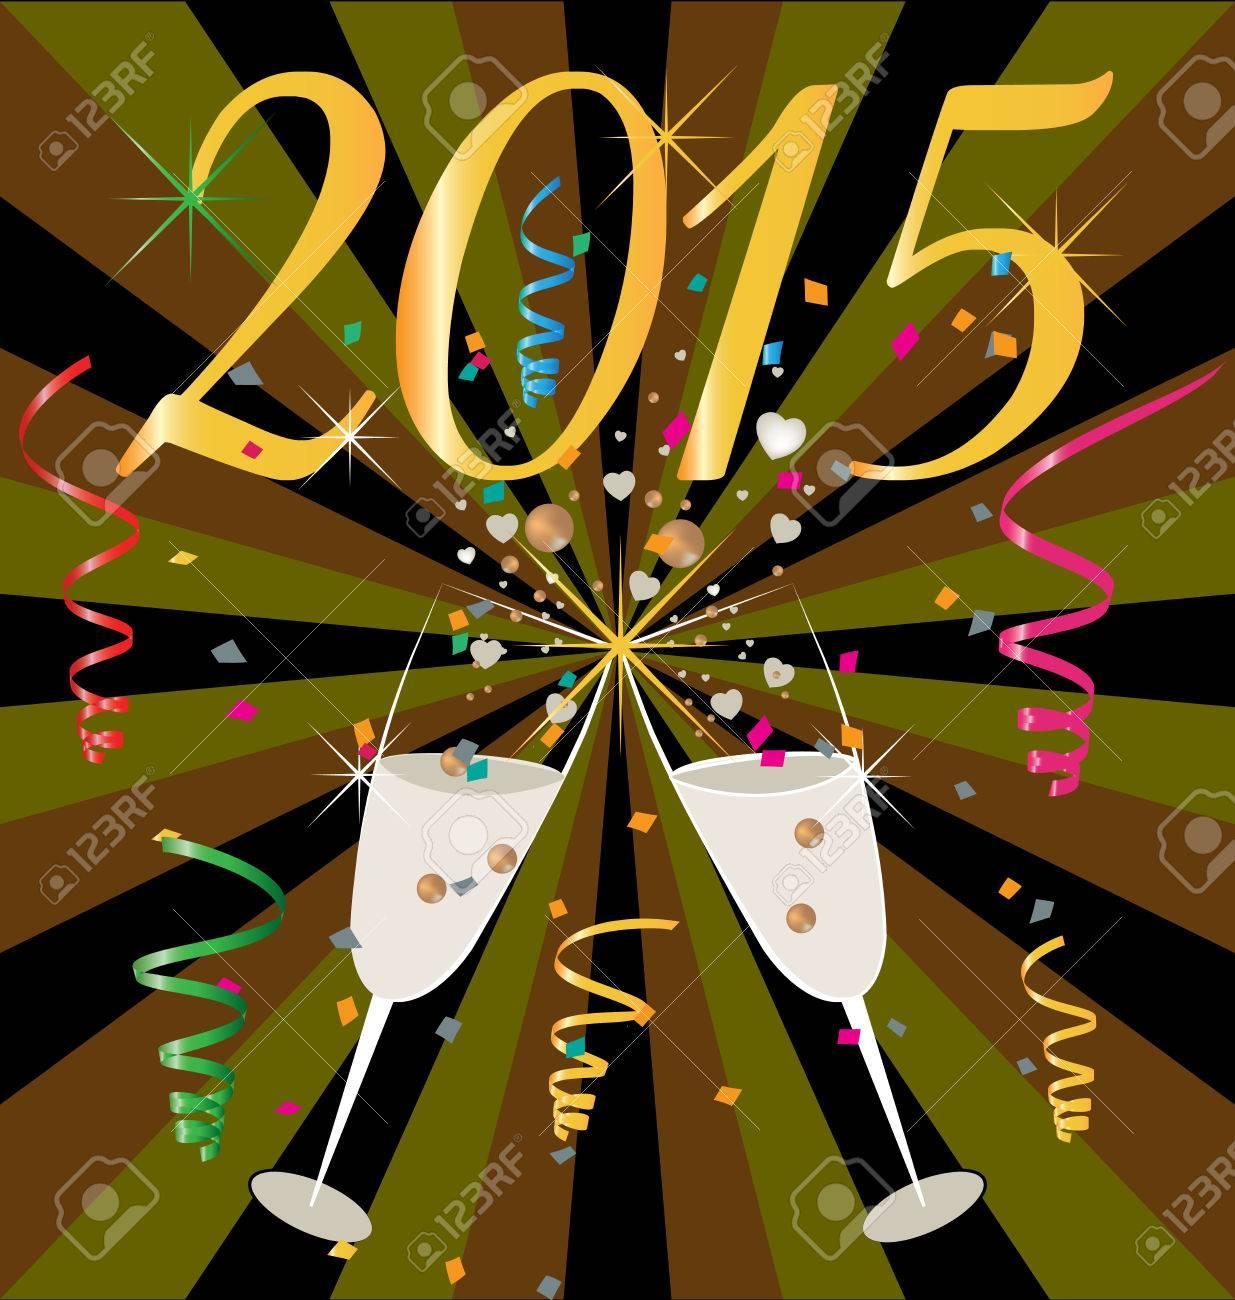 乾杯シャンパン カップ ベクトル壁紙 15 年祝賀のイラスト素材 ベクタ Image